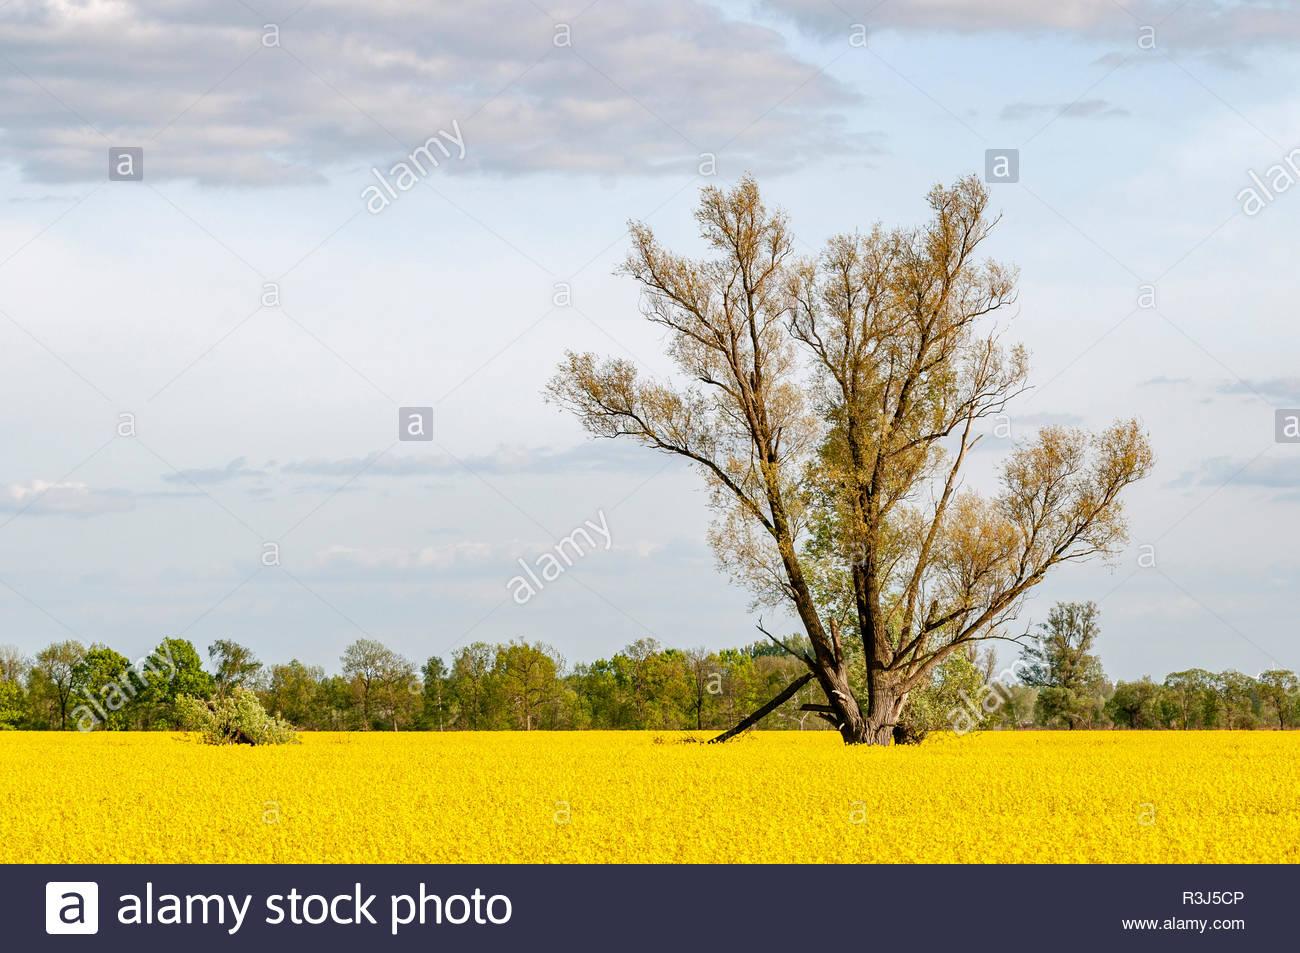 Rapsfeld mit einem Baum - Stock Image